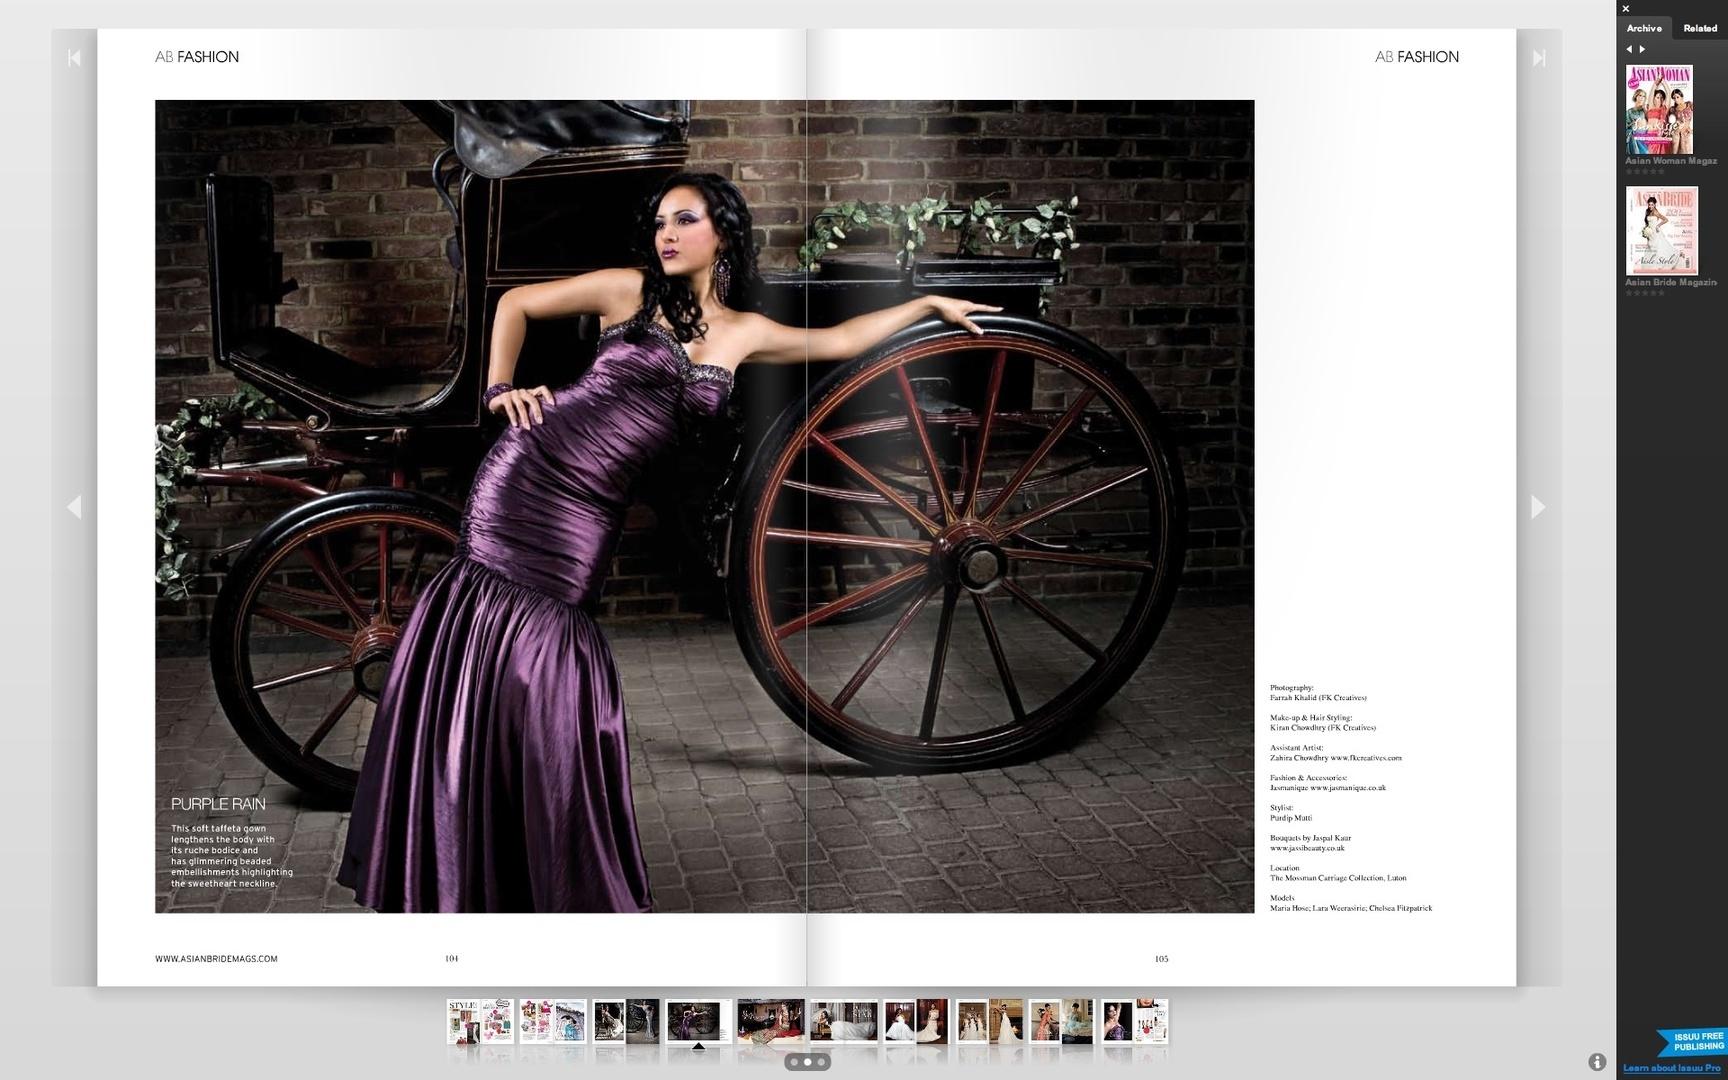 asian woman website screenshots 14.jpeg